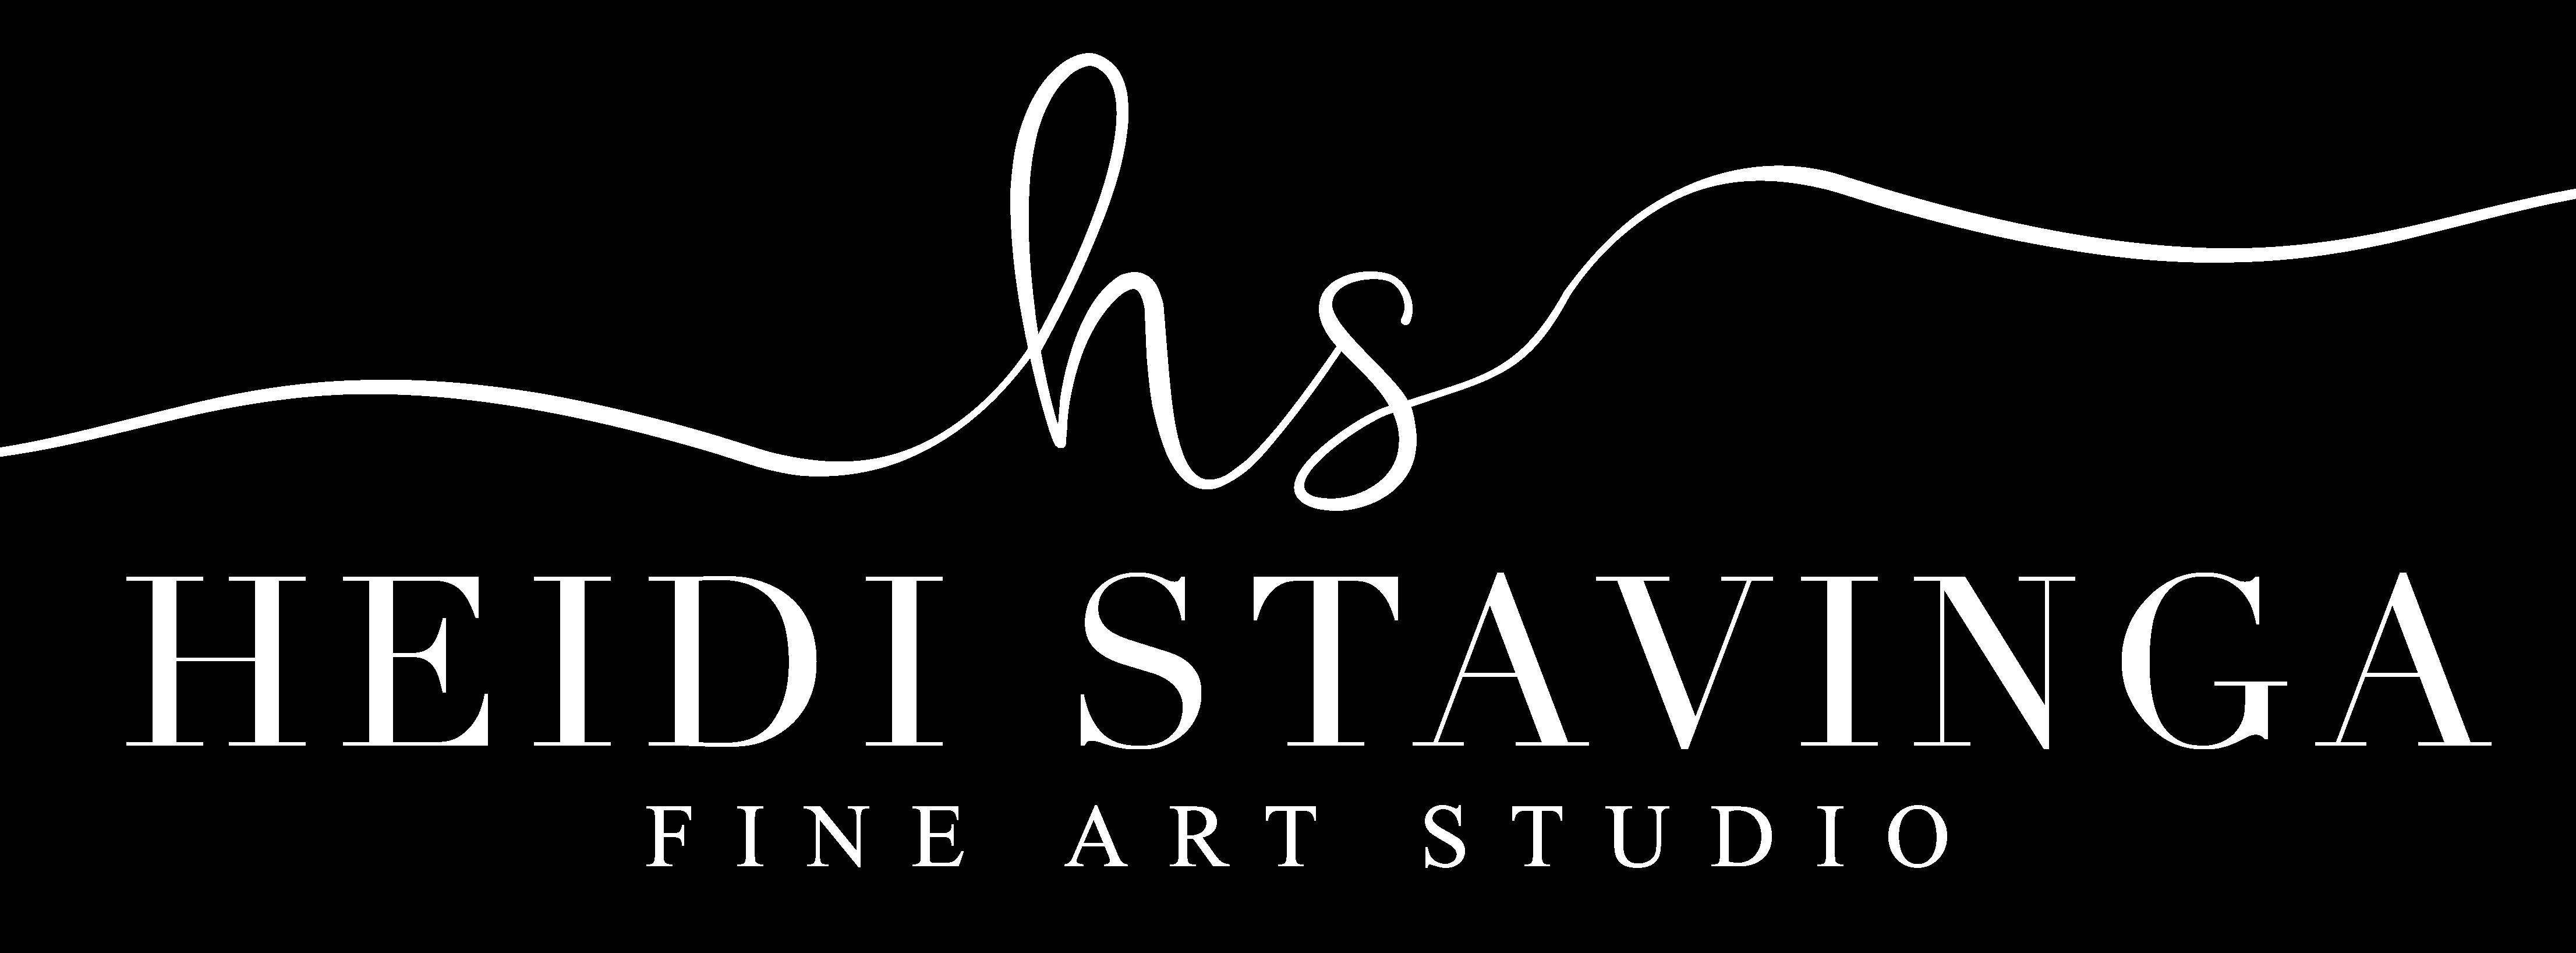 Heidi Stavinga Studio